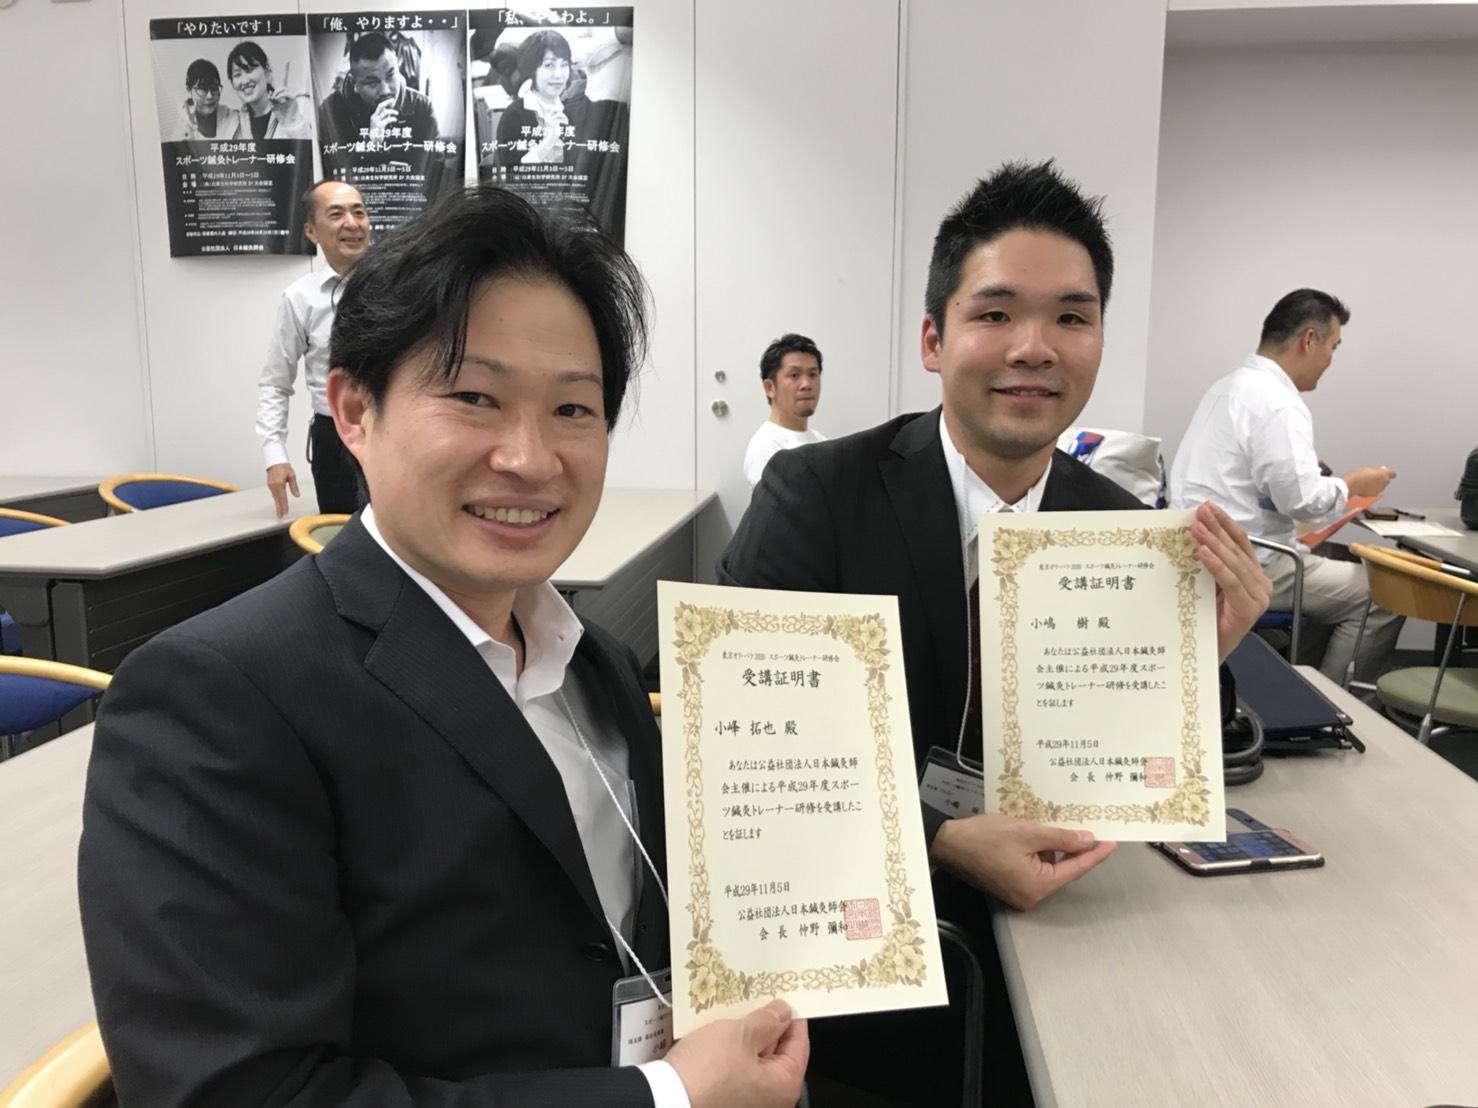 スポーツ鍼灸トレーナー、アスレティックトレーナー、東京五輪、交通事故